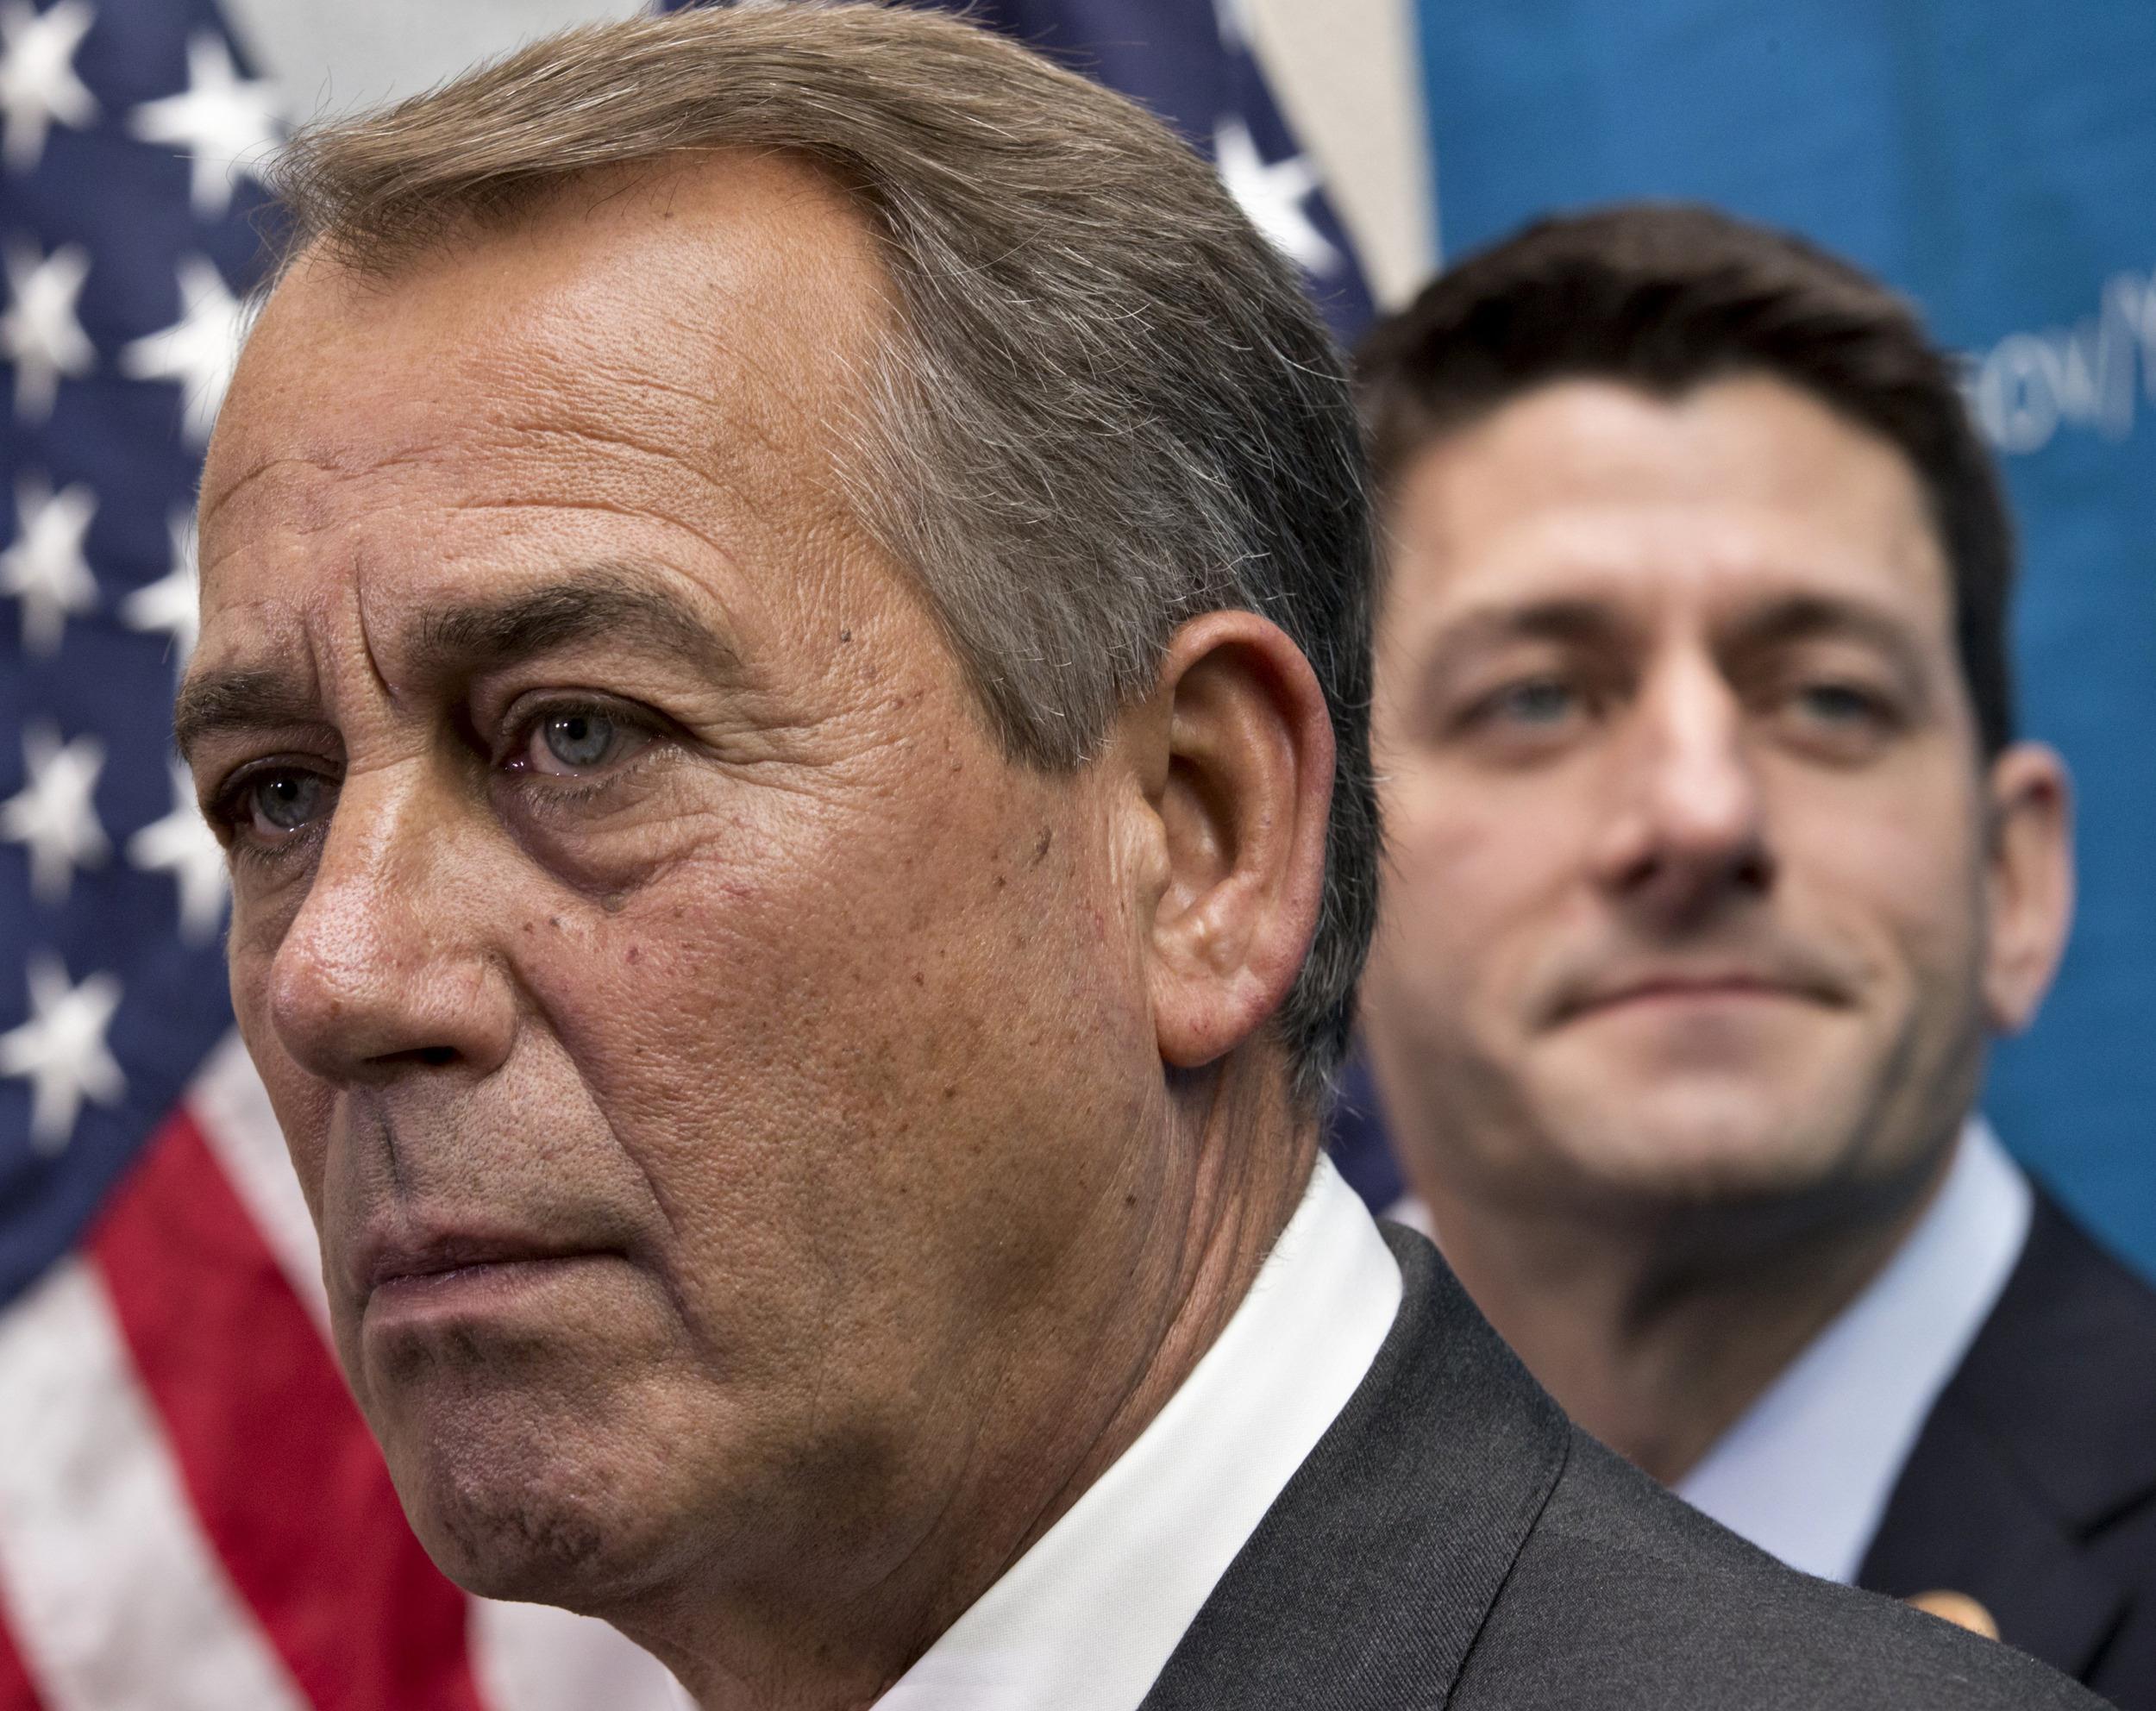 Image: John Boehner, Paul Ryan